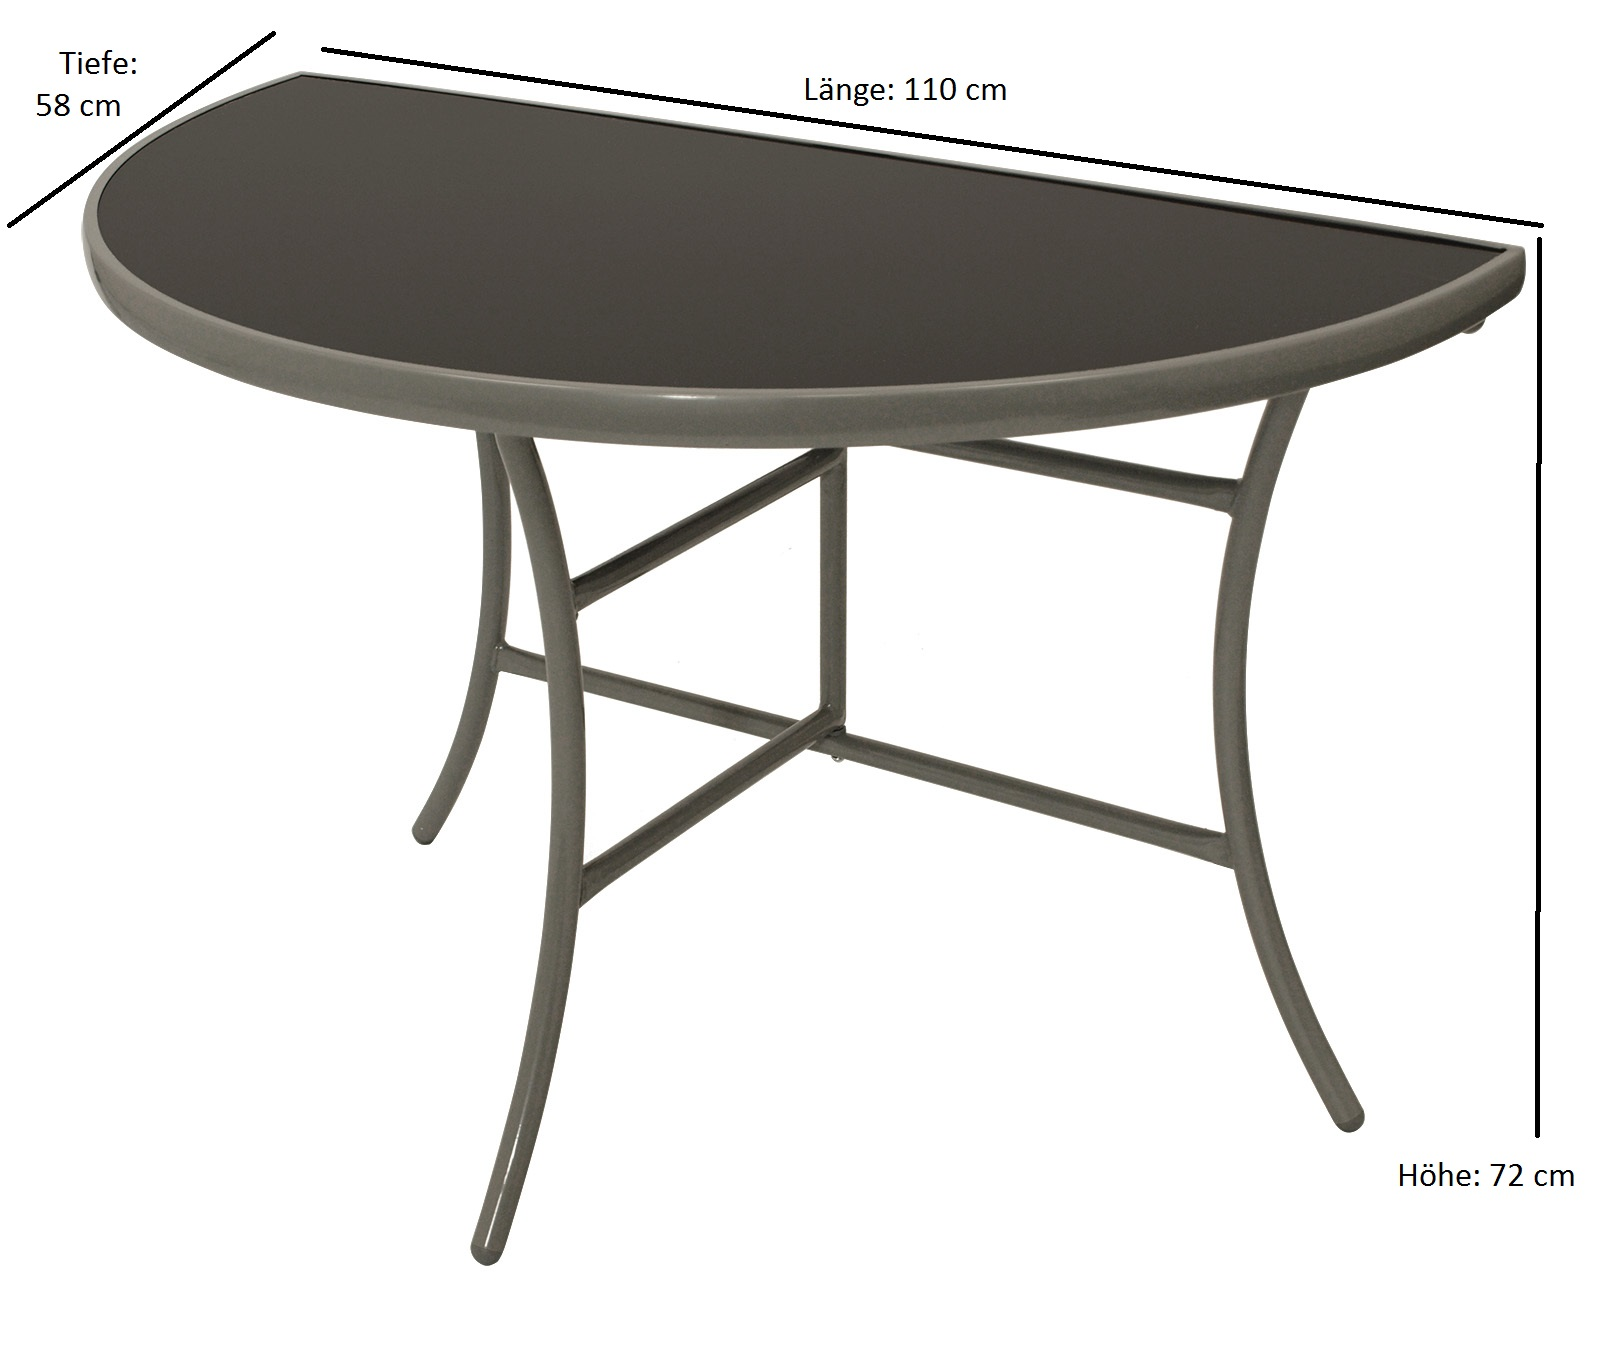 Wandtisch PALERMO halbrund 58x110cm, Stahl + Glas